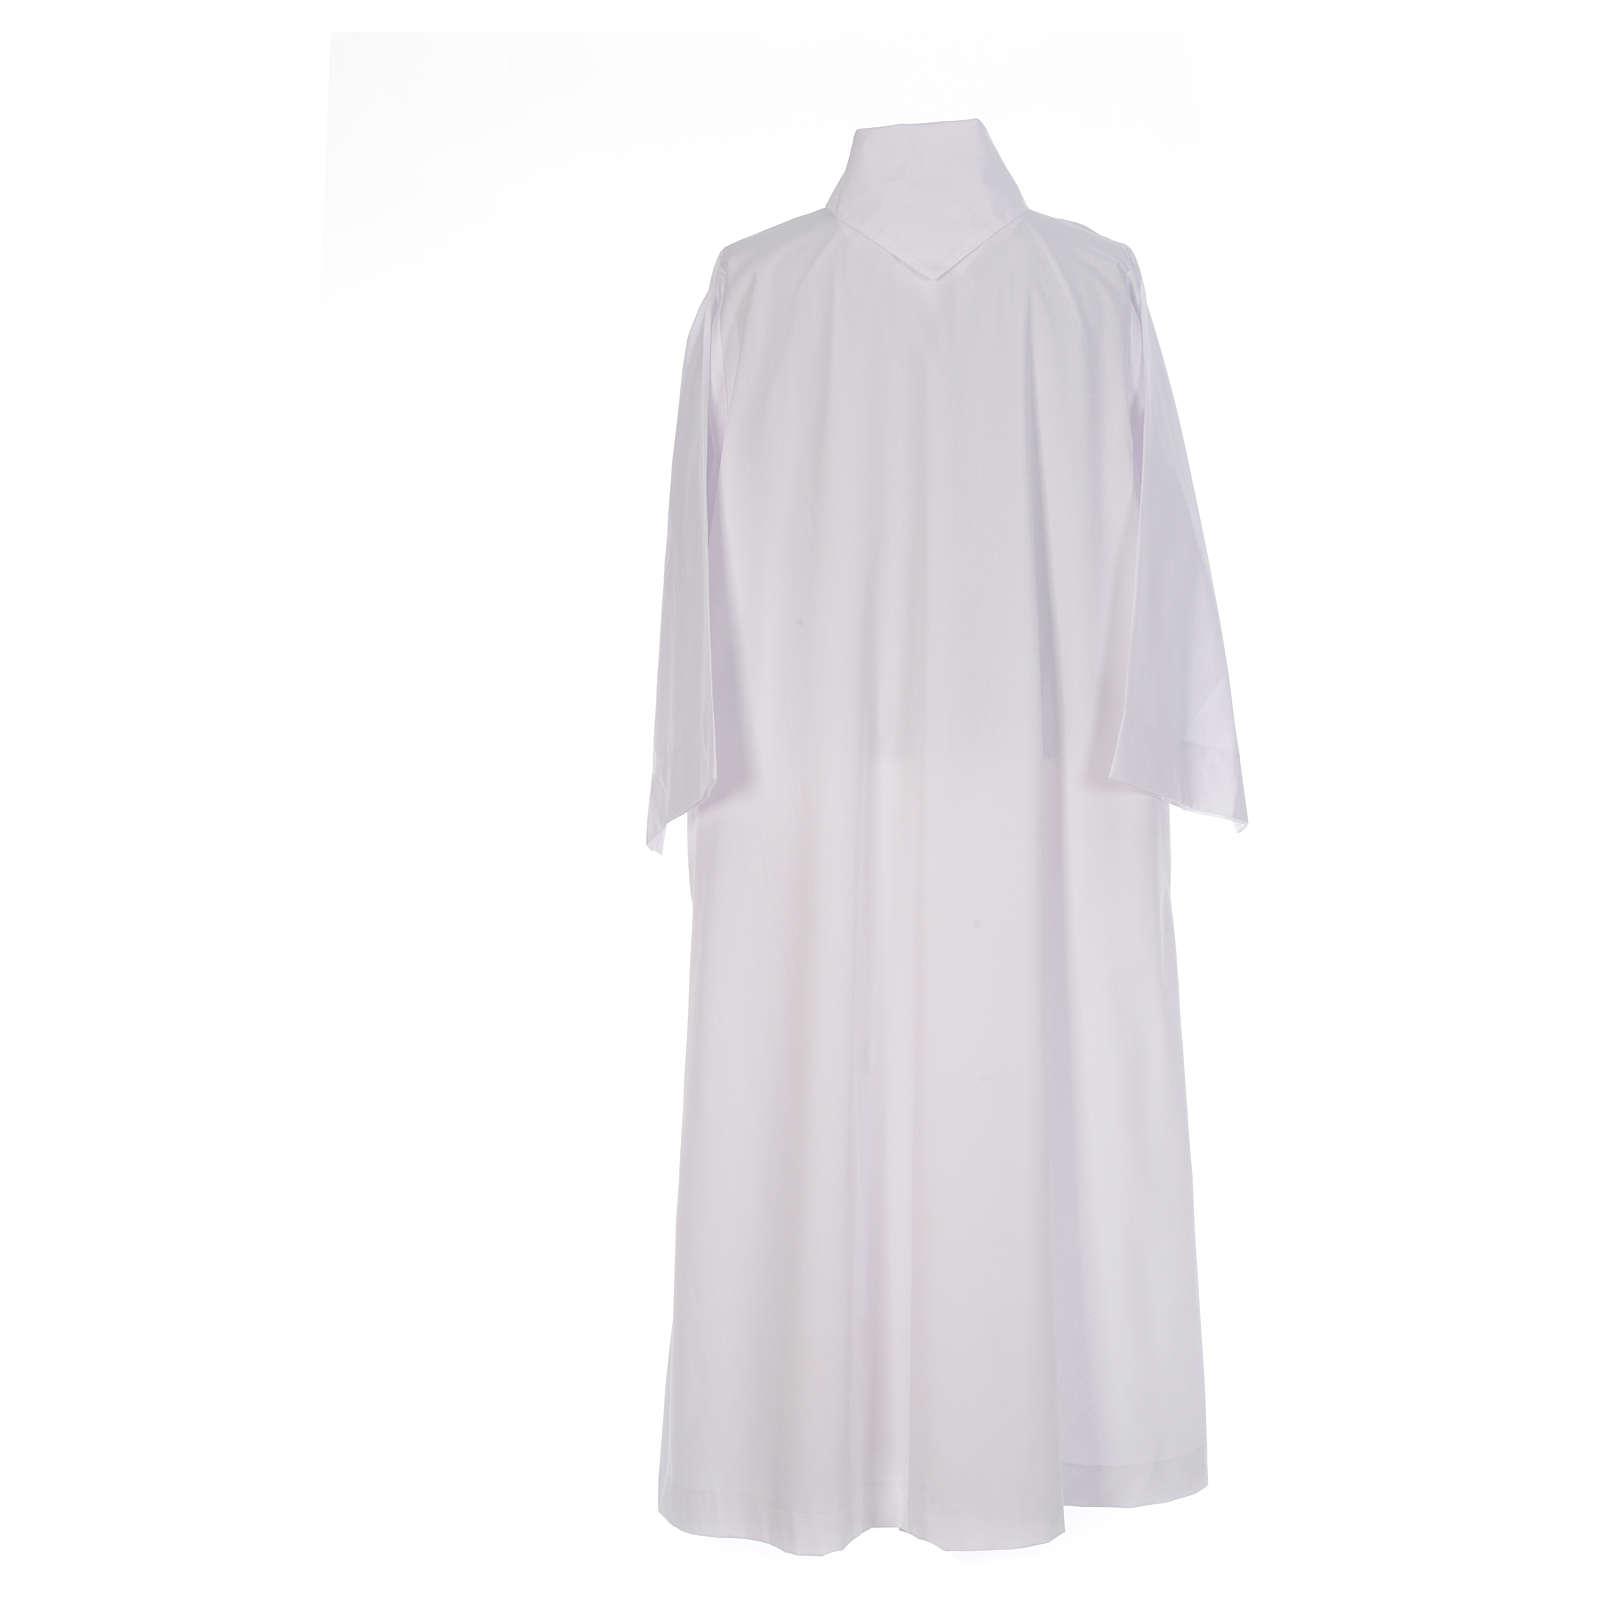 Camice bianco svasato con finto cappuccio misto cotone 4